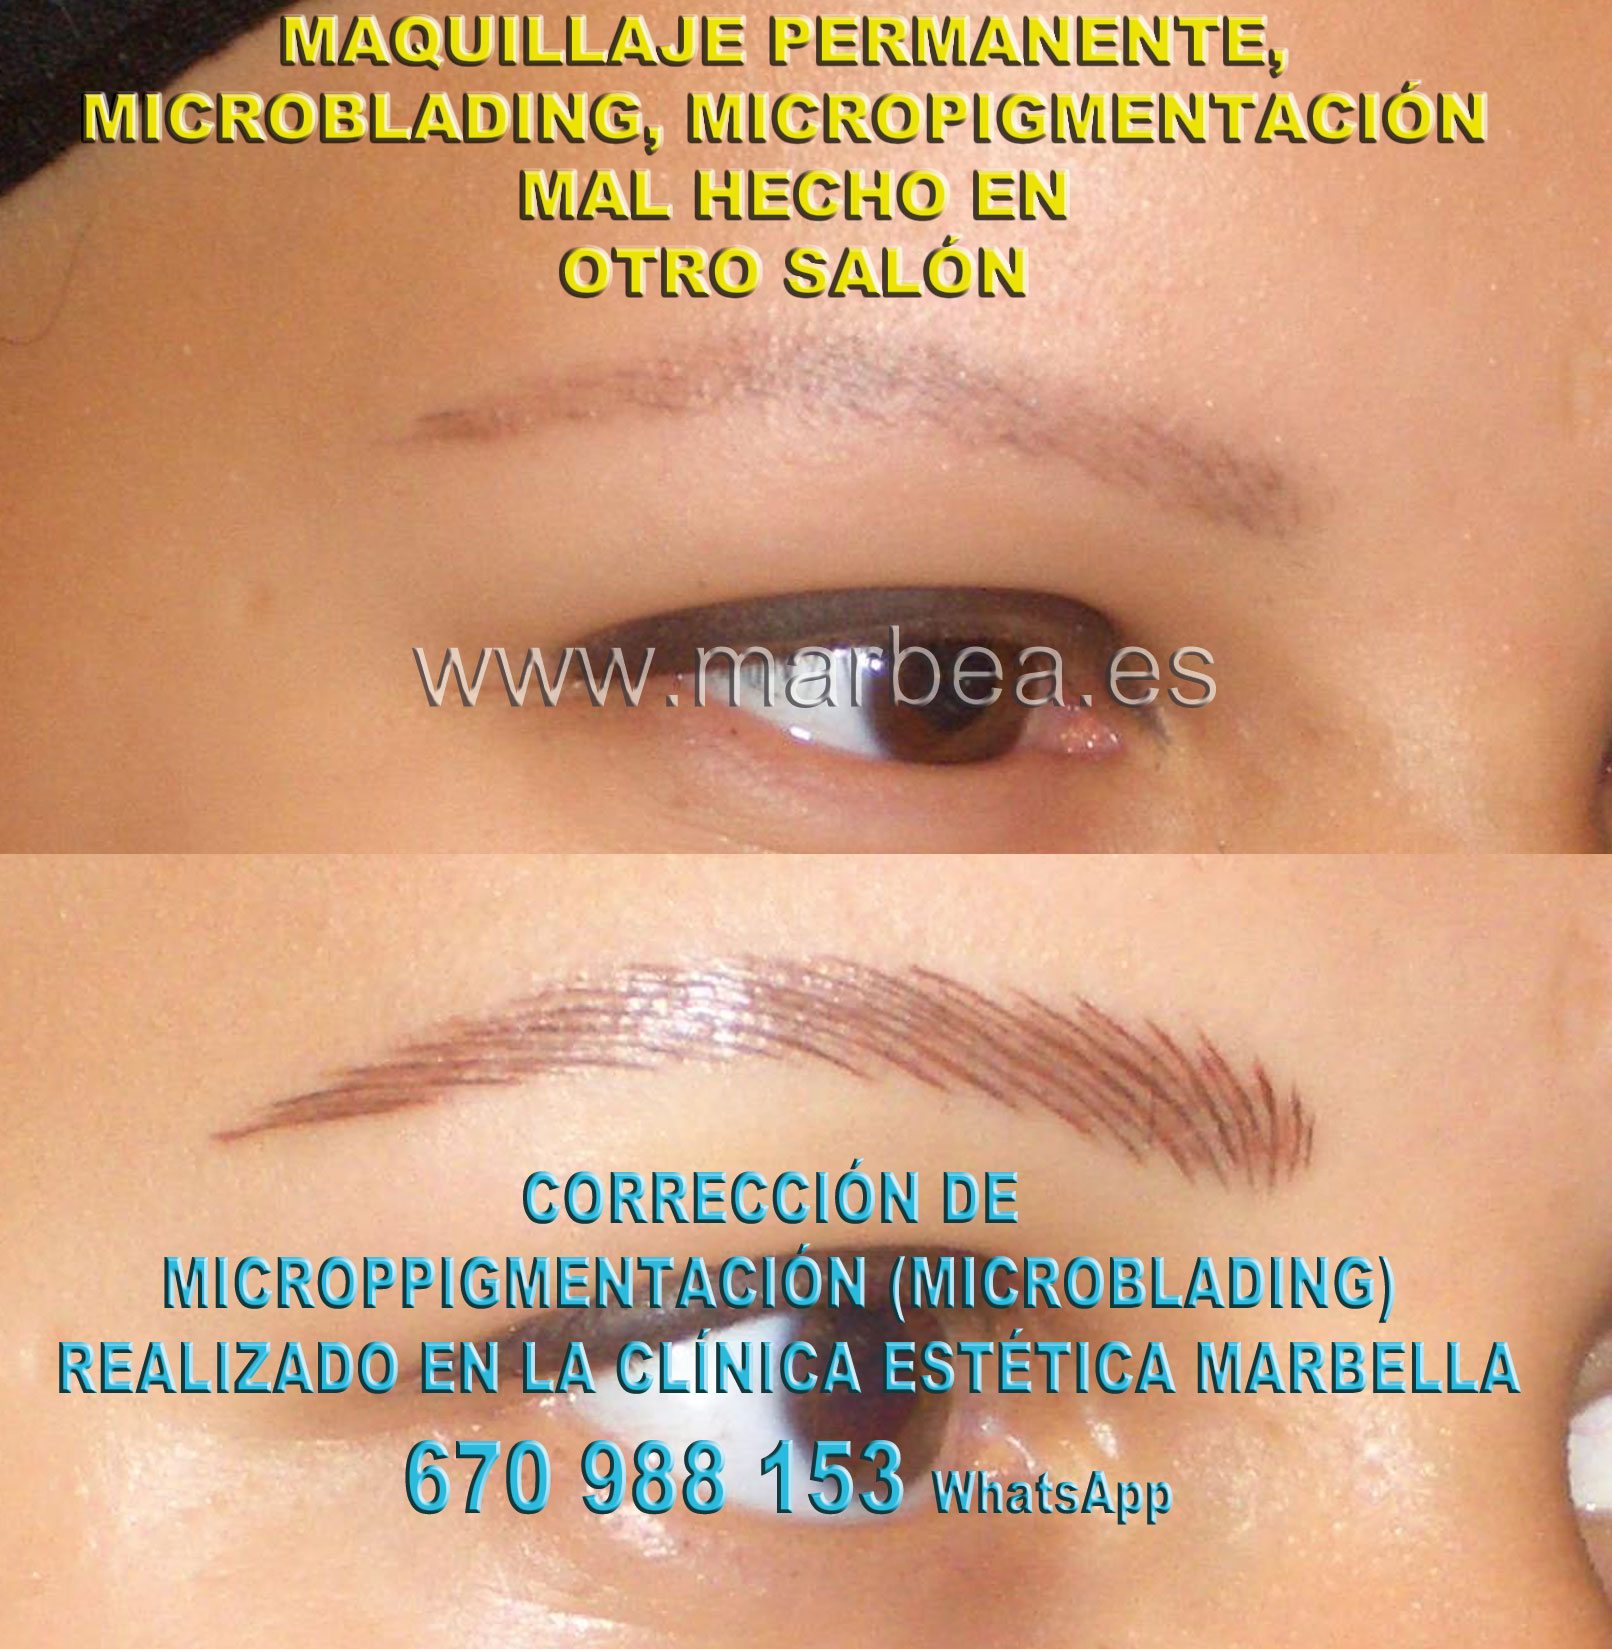 ELIMINAR TATUAJE CEJAS clínica estética maquillaje semipermanente ofrece eliminar la micropigmentación de cejas,corregir micropigmentación no deseada